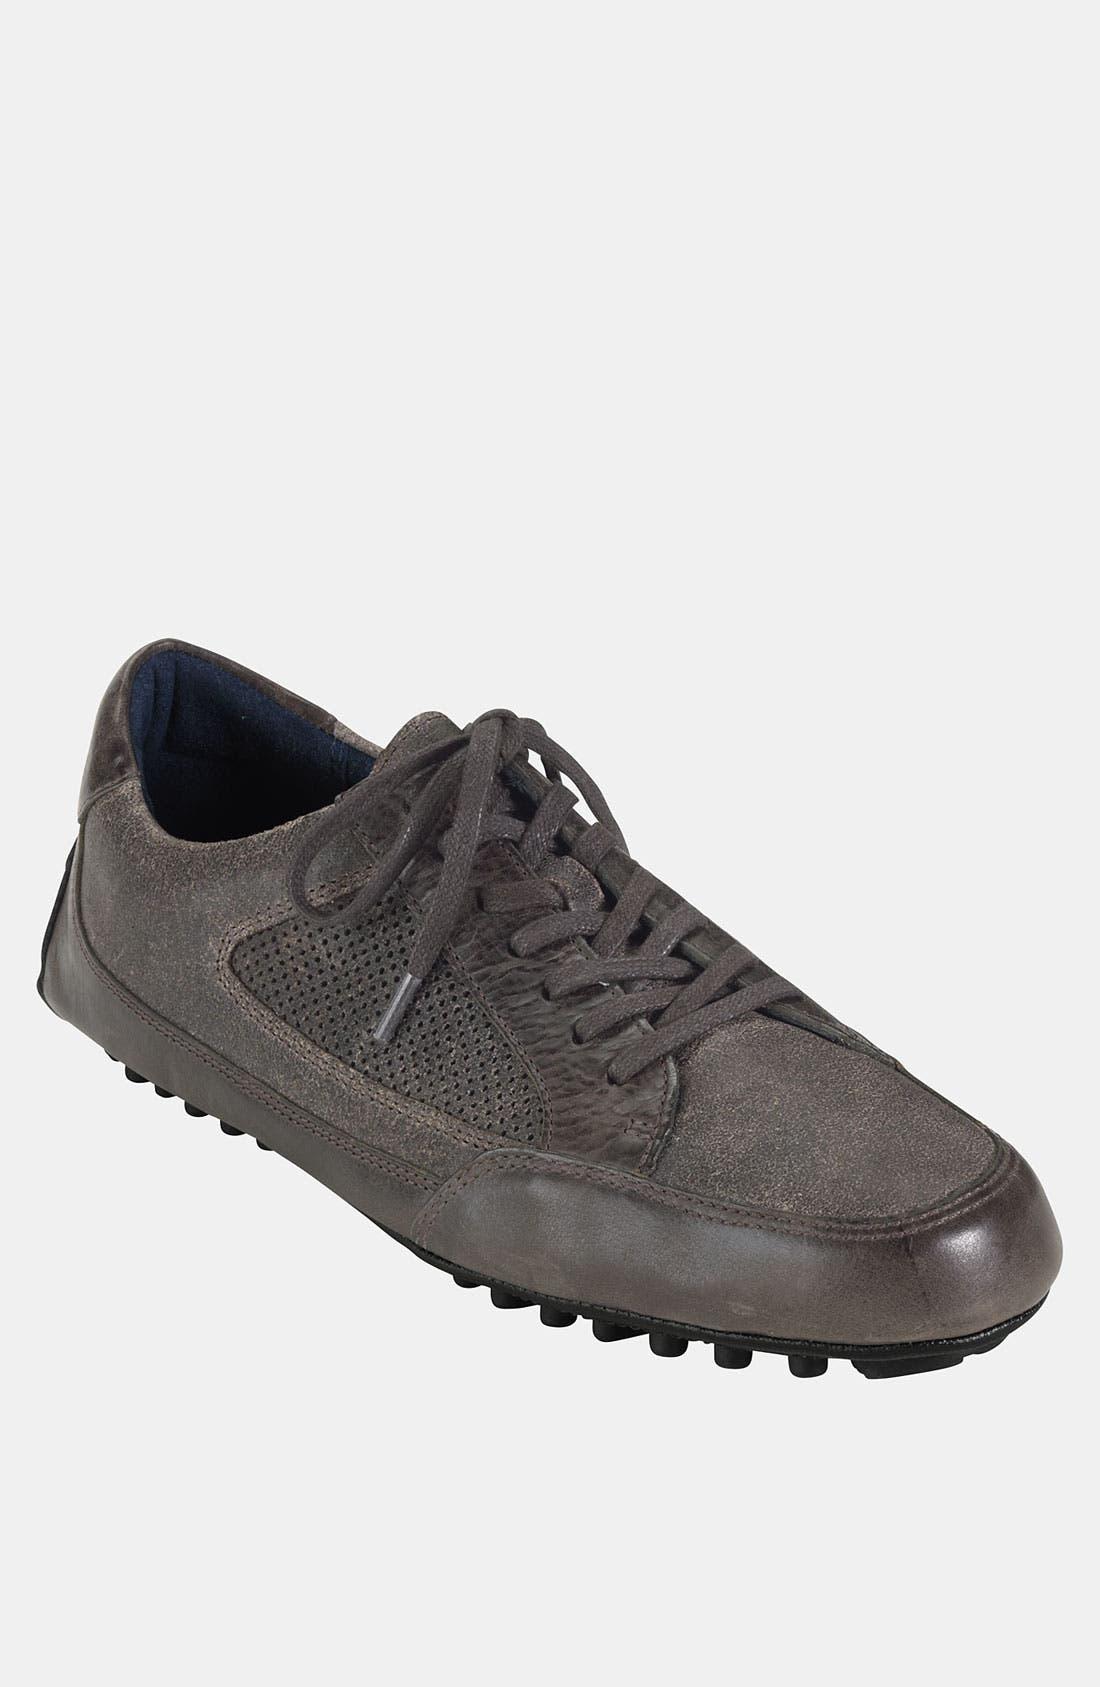 Main Image - Cole Haan 'Air Grant' Sneaker